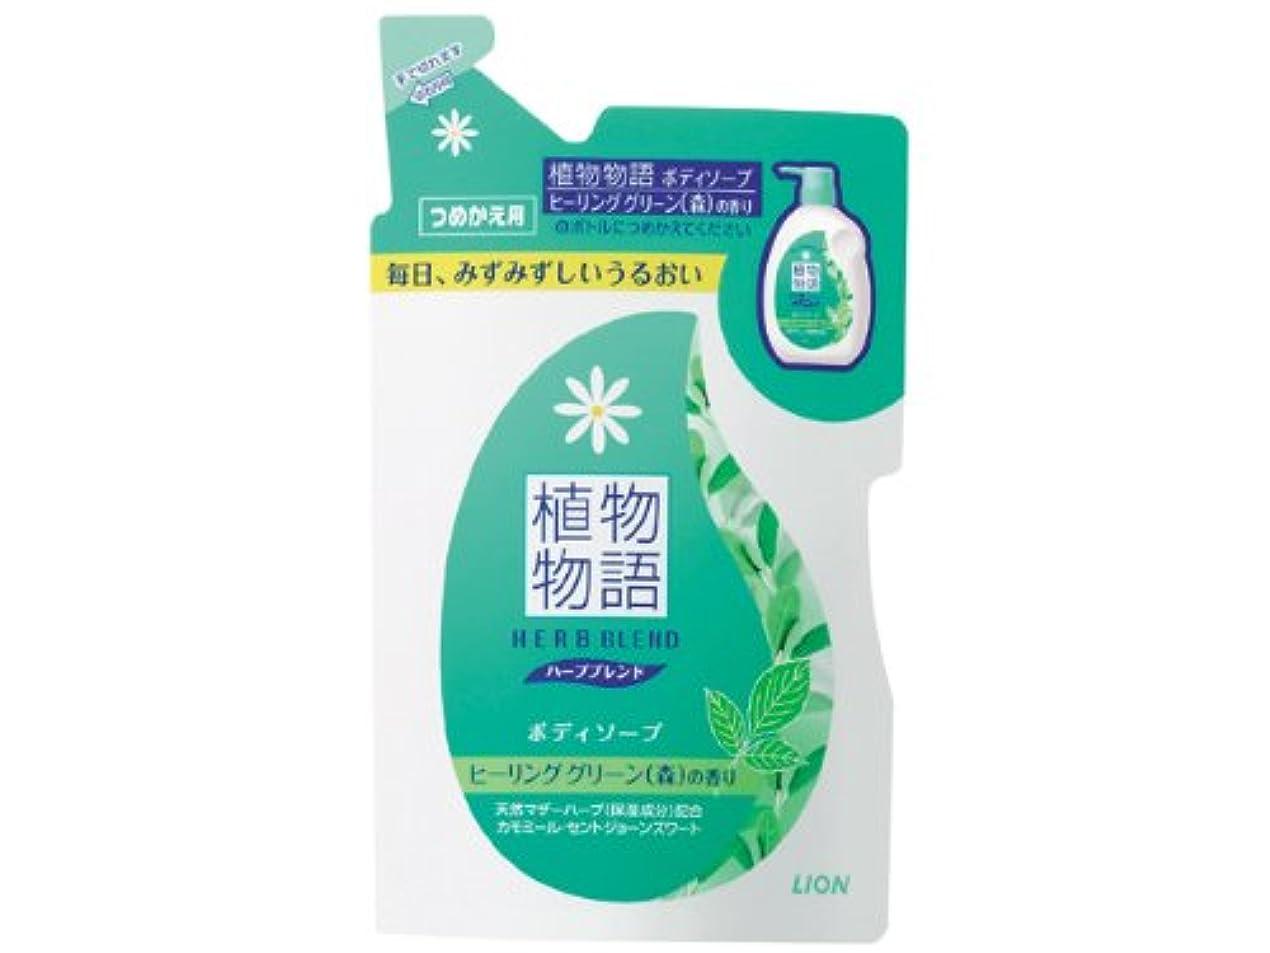 場合補充ベッツィトロットウッド植物物語 ハーブブレンド ボディソープ ヒーリンググリーン(森)の香り つめかえ用 420ml